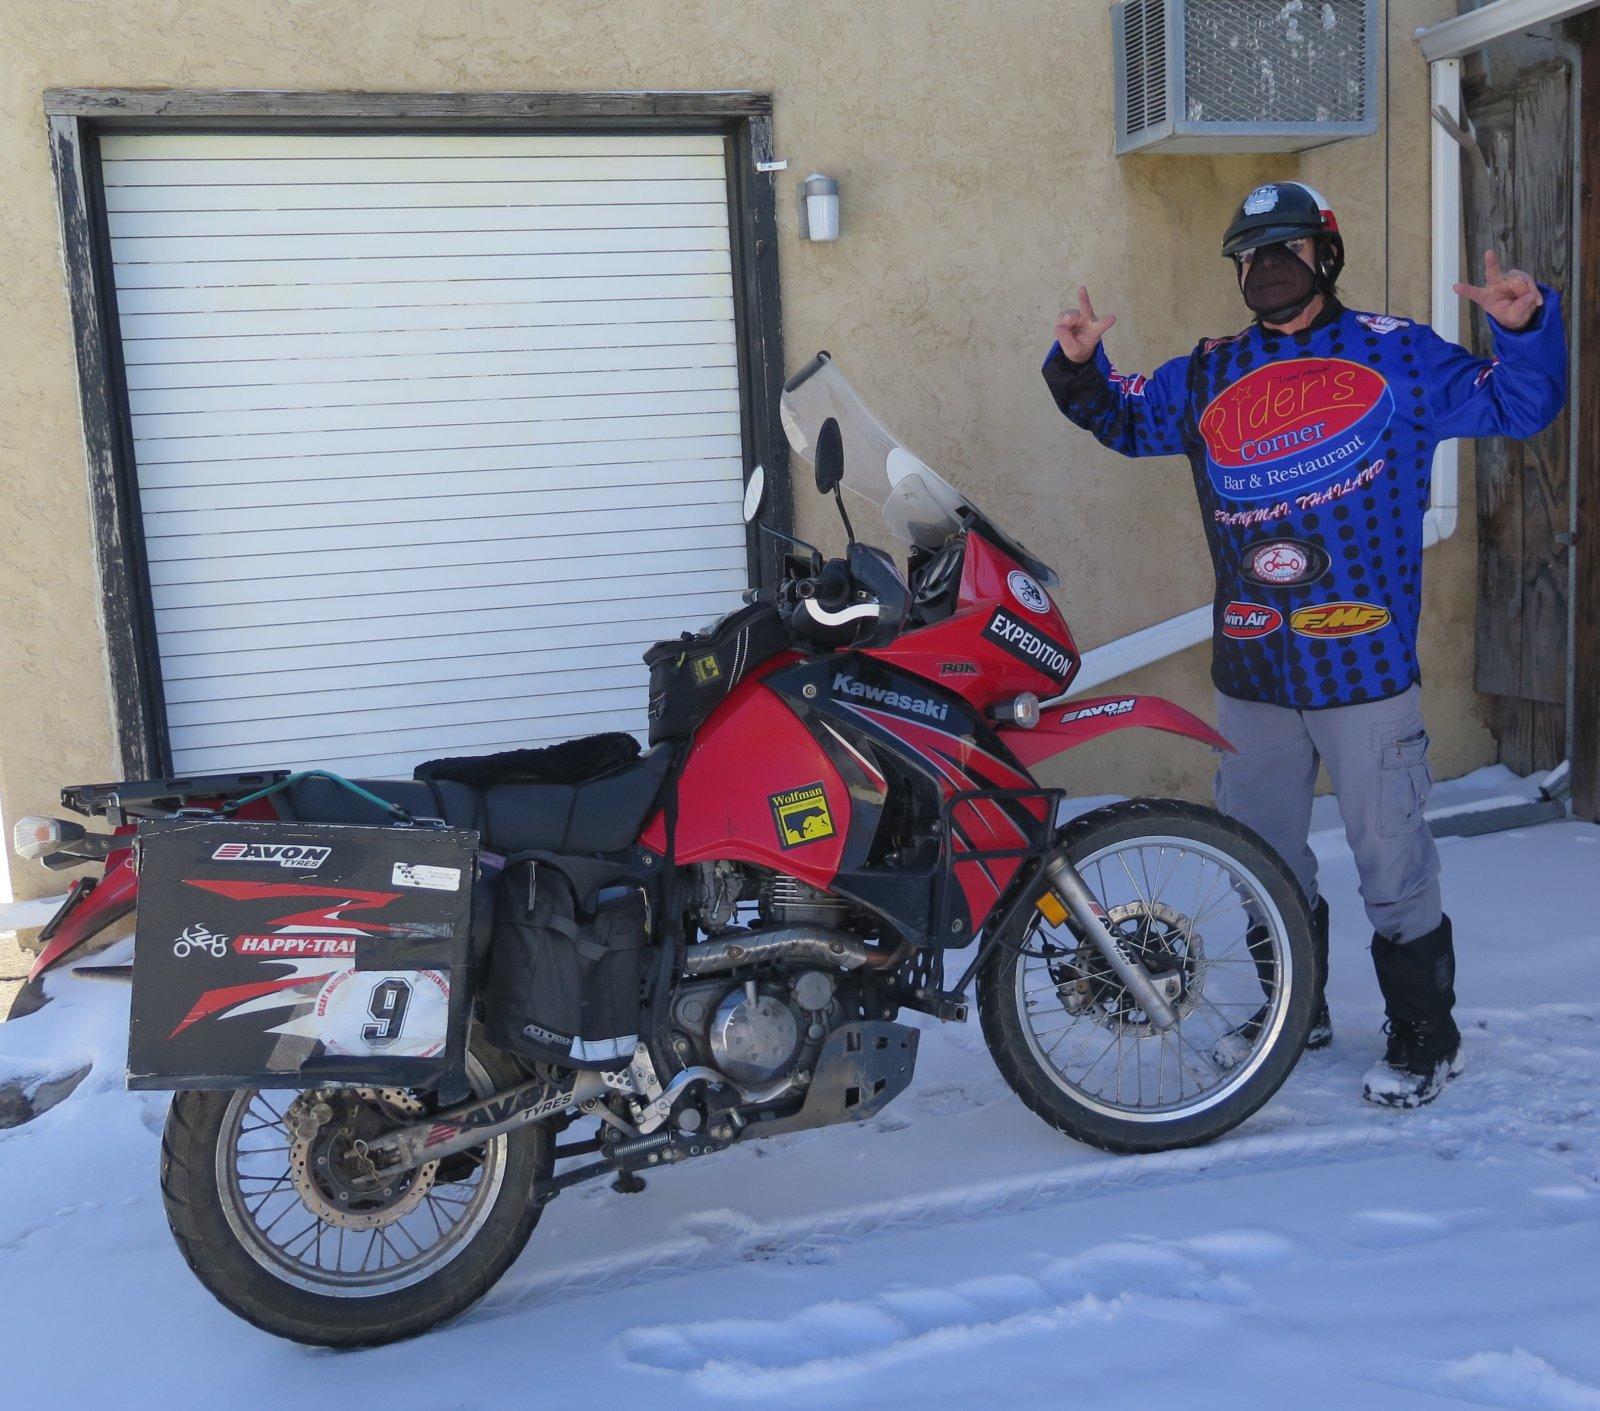 Rider's Corner.JPG